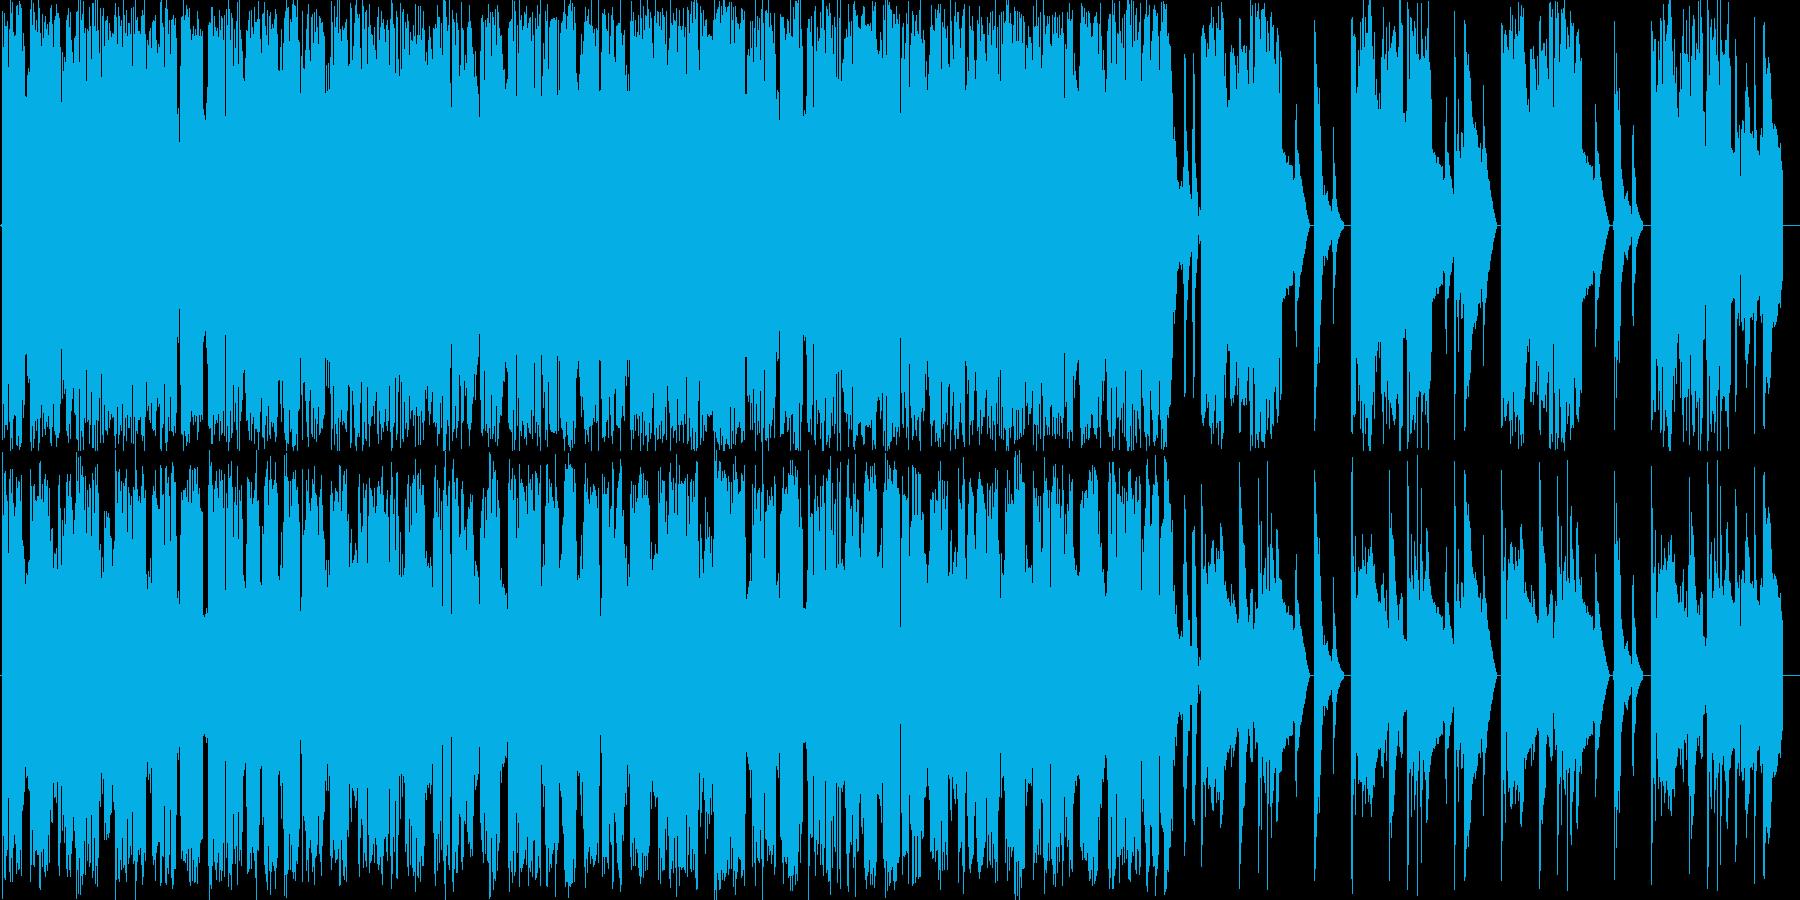 激しいギターのヒップホップ調の楽曲の再生済みの波形